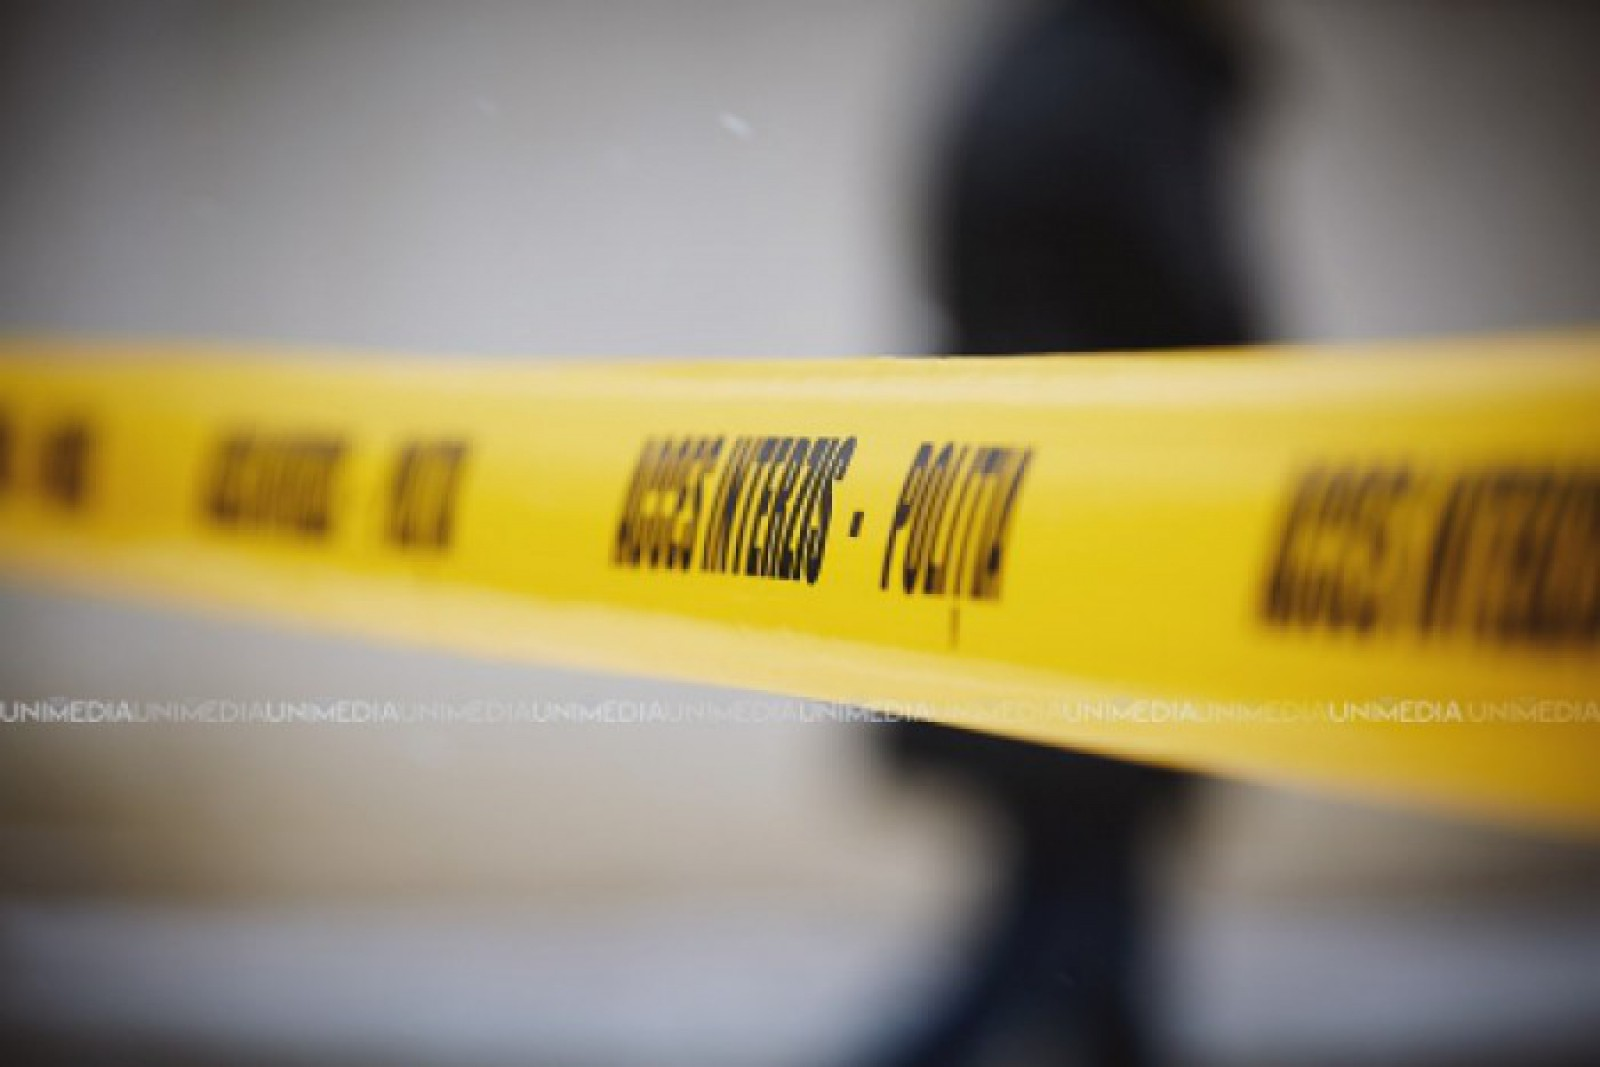 Cadavrul unei femei, găsit într-o geantă lângă un tomberon din sectorul Buiucani